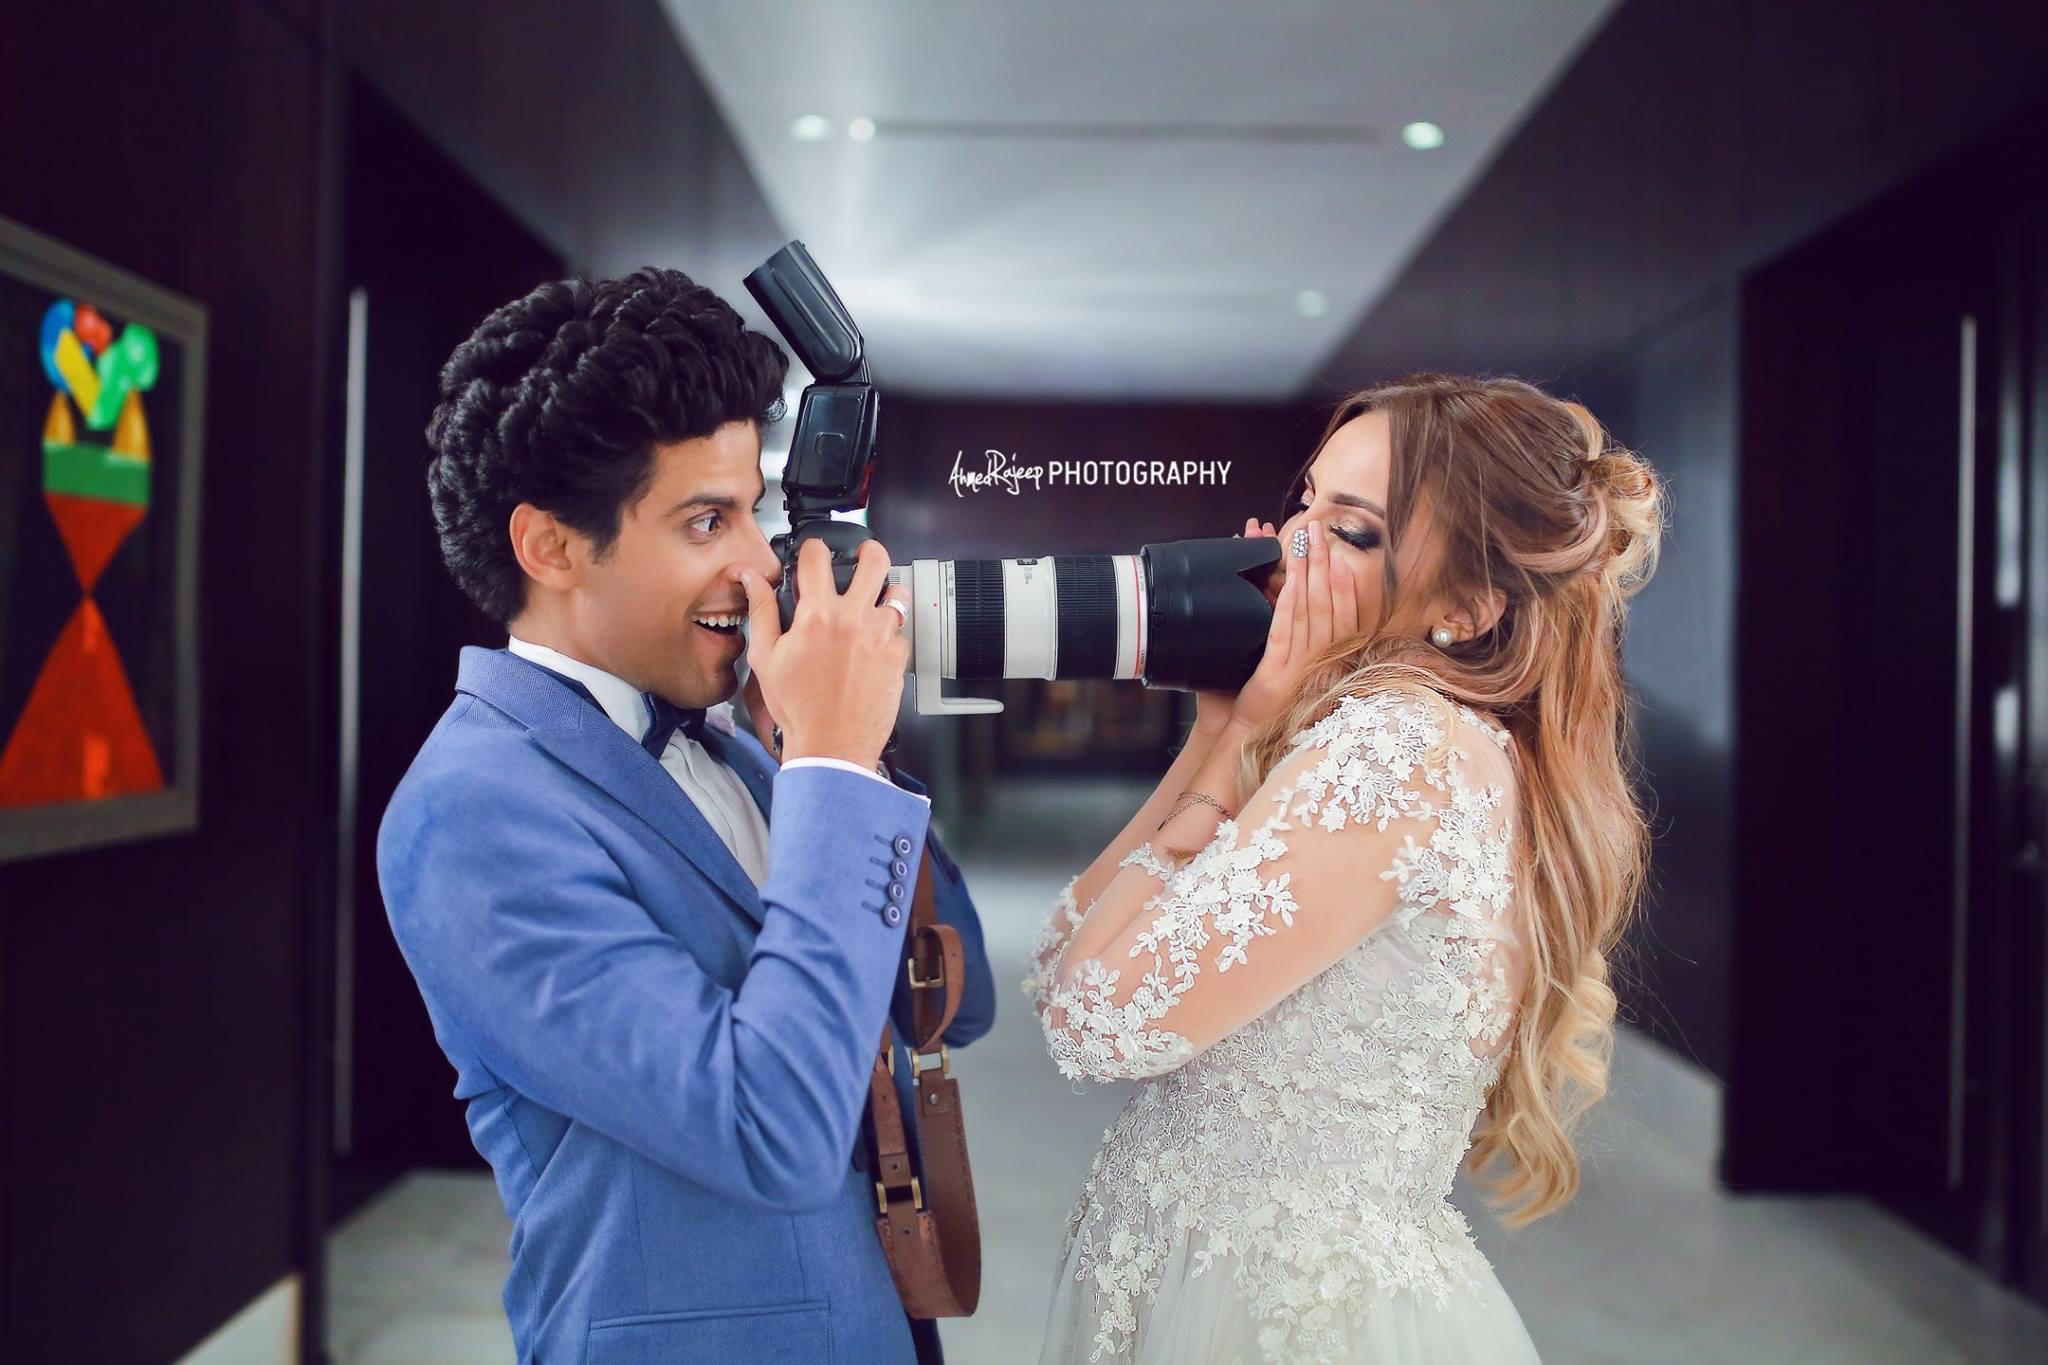 جلسة تصوير حفل زفاف حمدى الميرغنى واسراء عبد الفتاح (14)